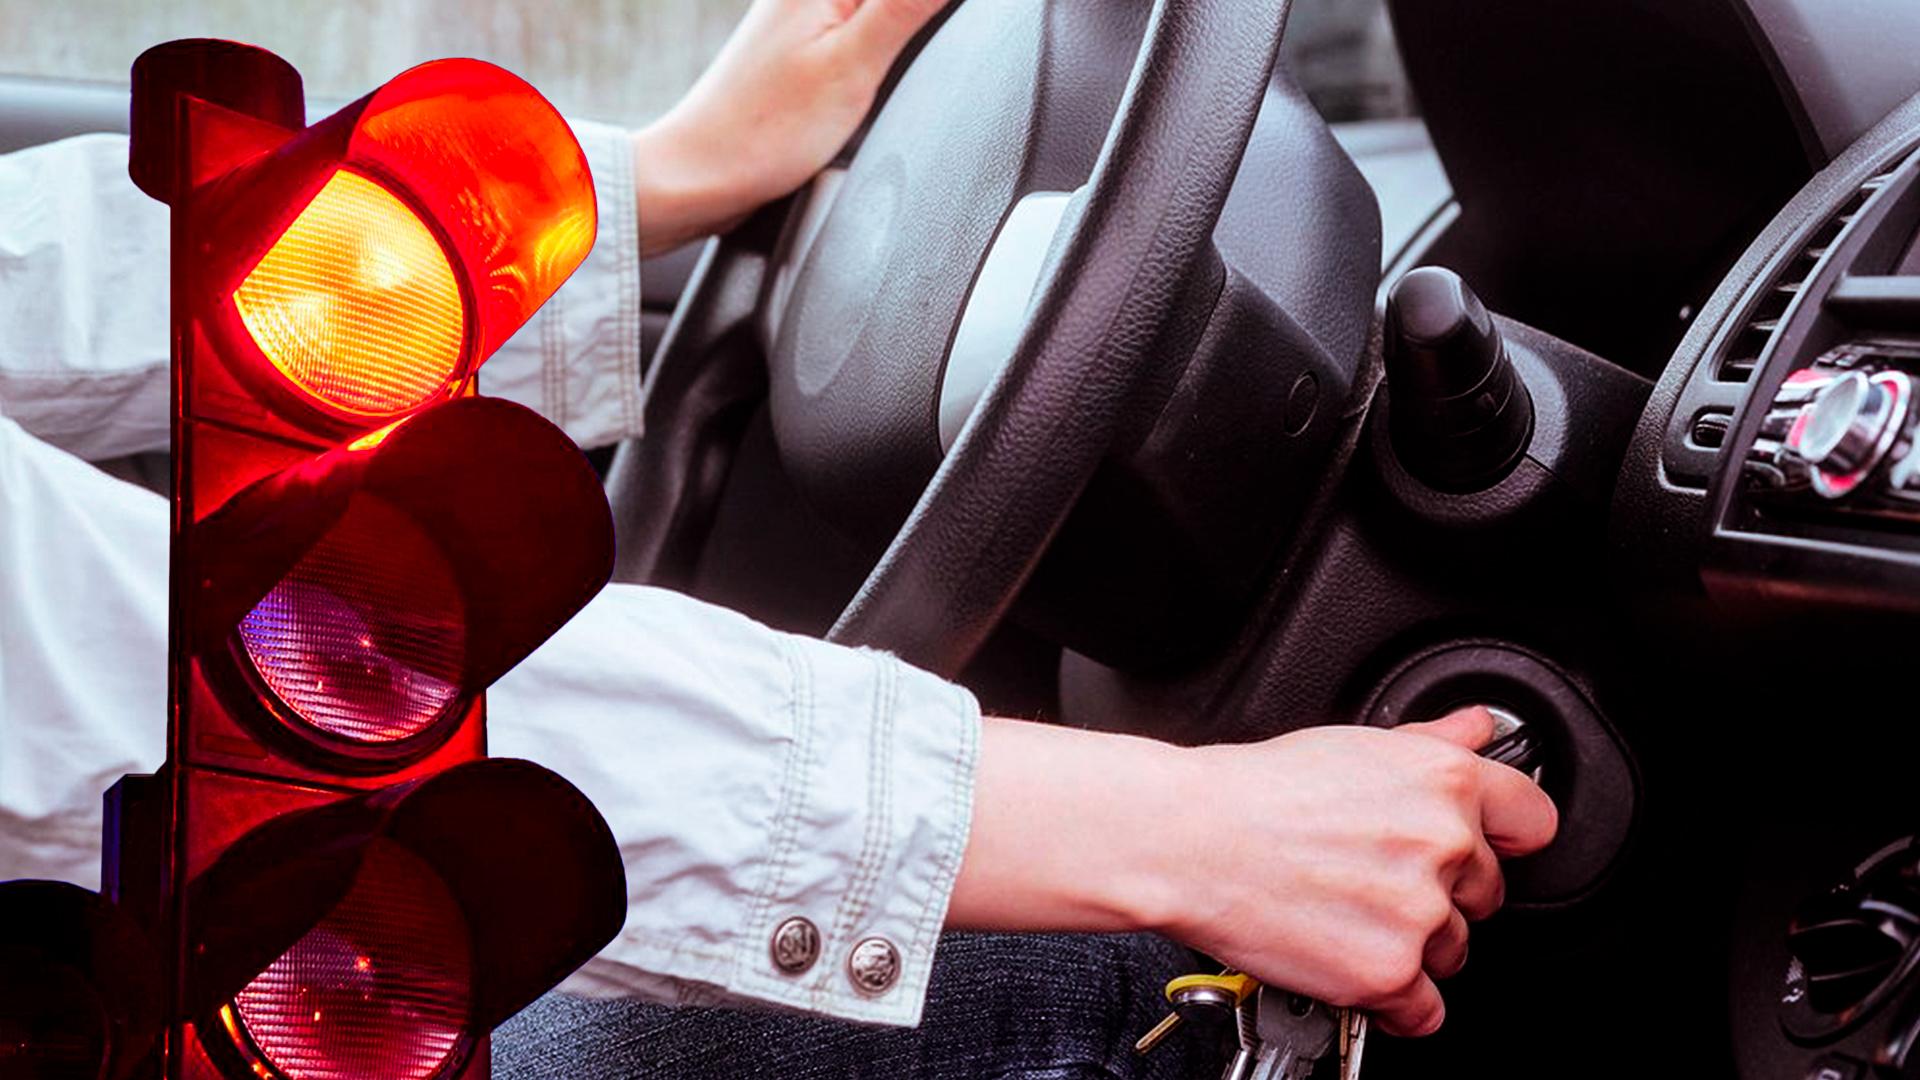 Desligar e ligar o motor do veículo no engarrafamento não é tão vantajoso assim como muitos pensam